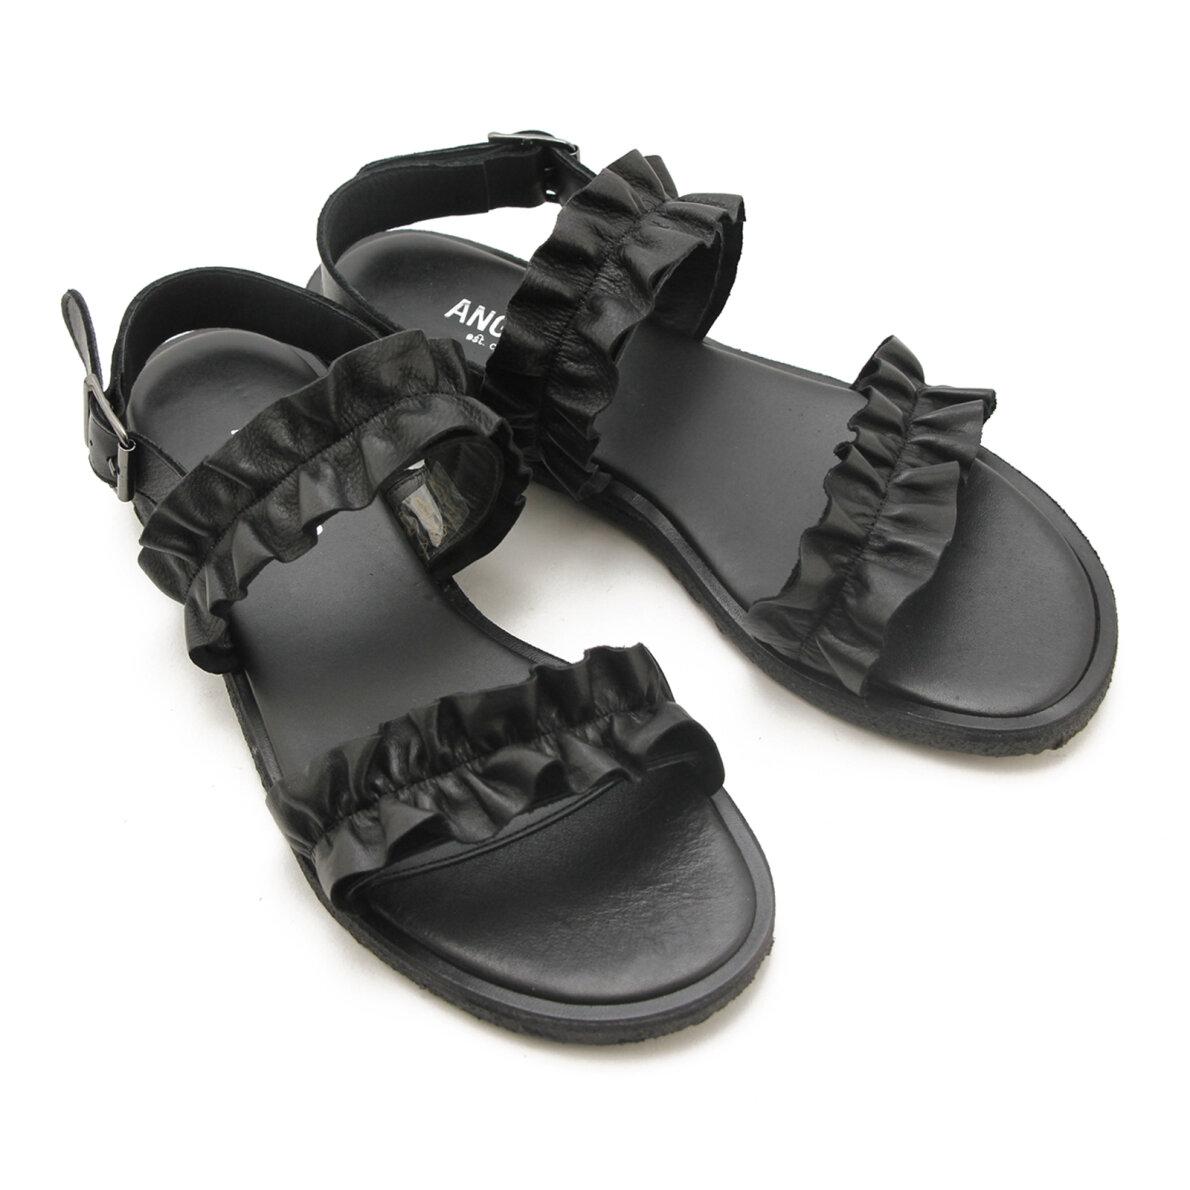 b4afb5c37015 ... Angulus - Angulus 5558 sort dame sandal med flæser